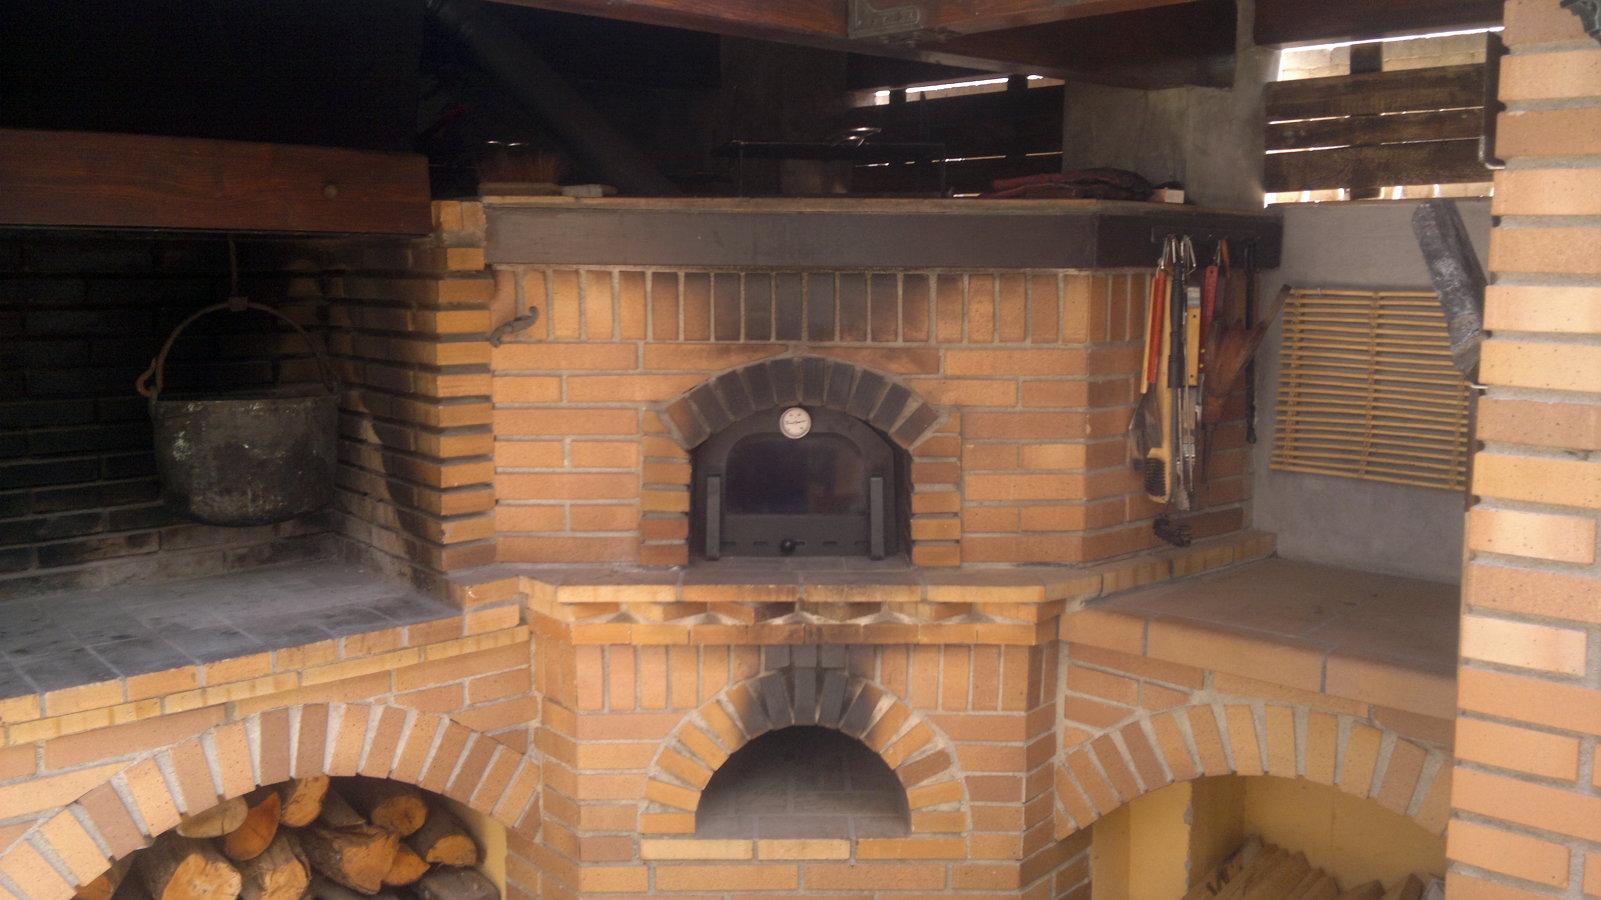 Foto horno le a argentino creixell de construccions i - Fotos de hornos de lena ...